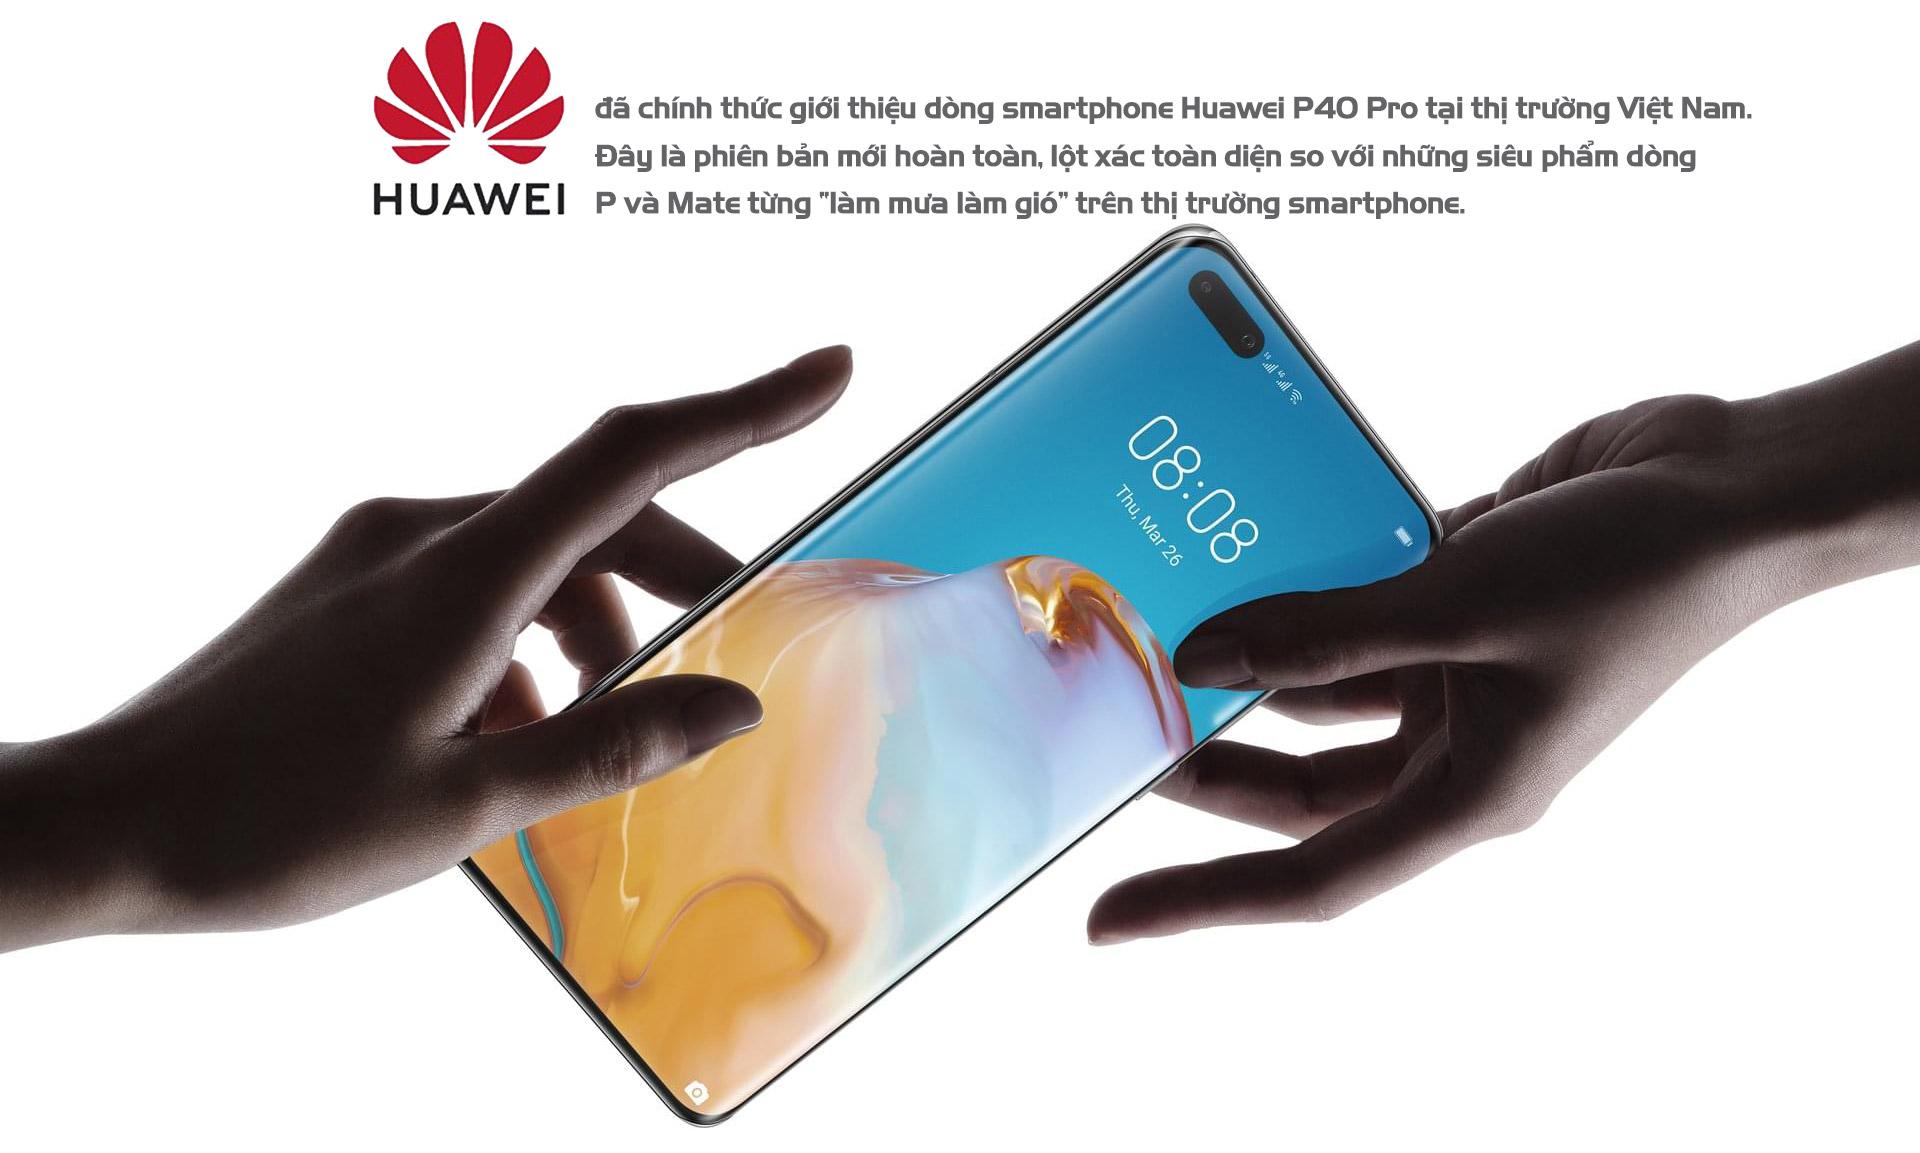 Huawei P40 Pro: Siêu phẩm camera phone đón đầu kỷ nguyên 5G - 2